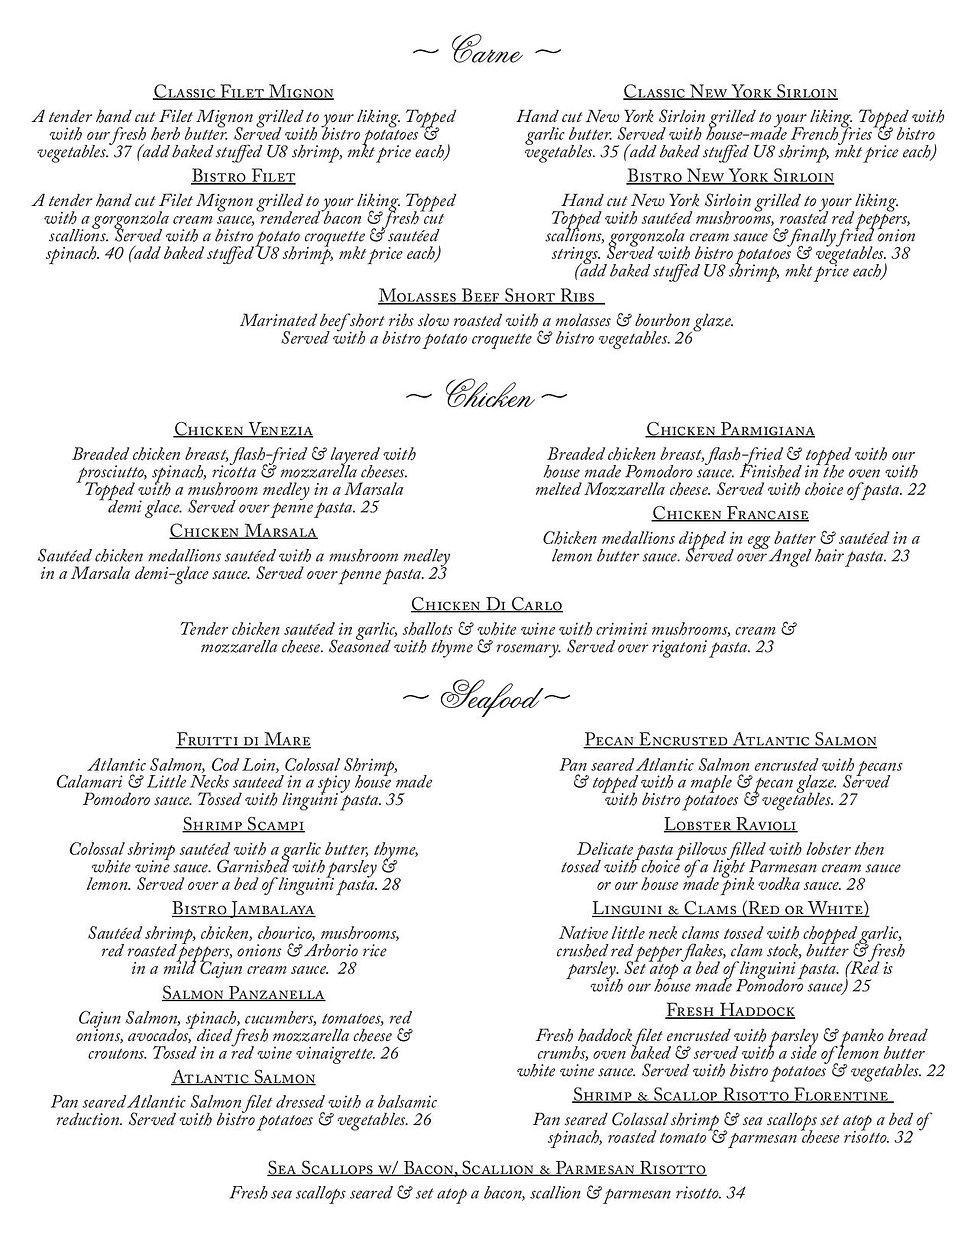 Temp Dinner Menu 8.5x11 Page 1-page-002.